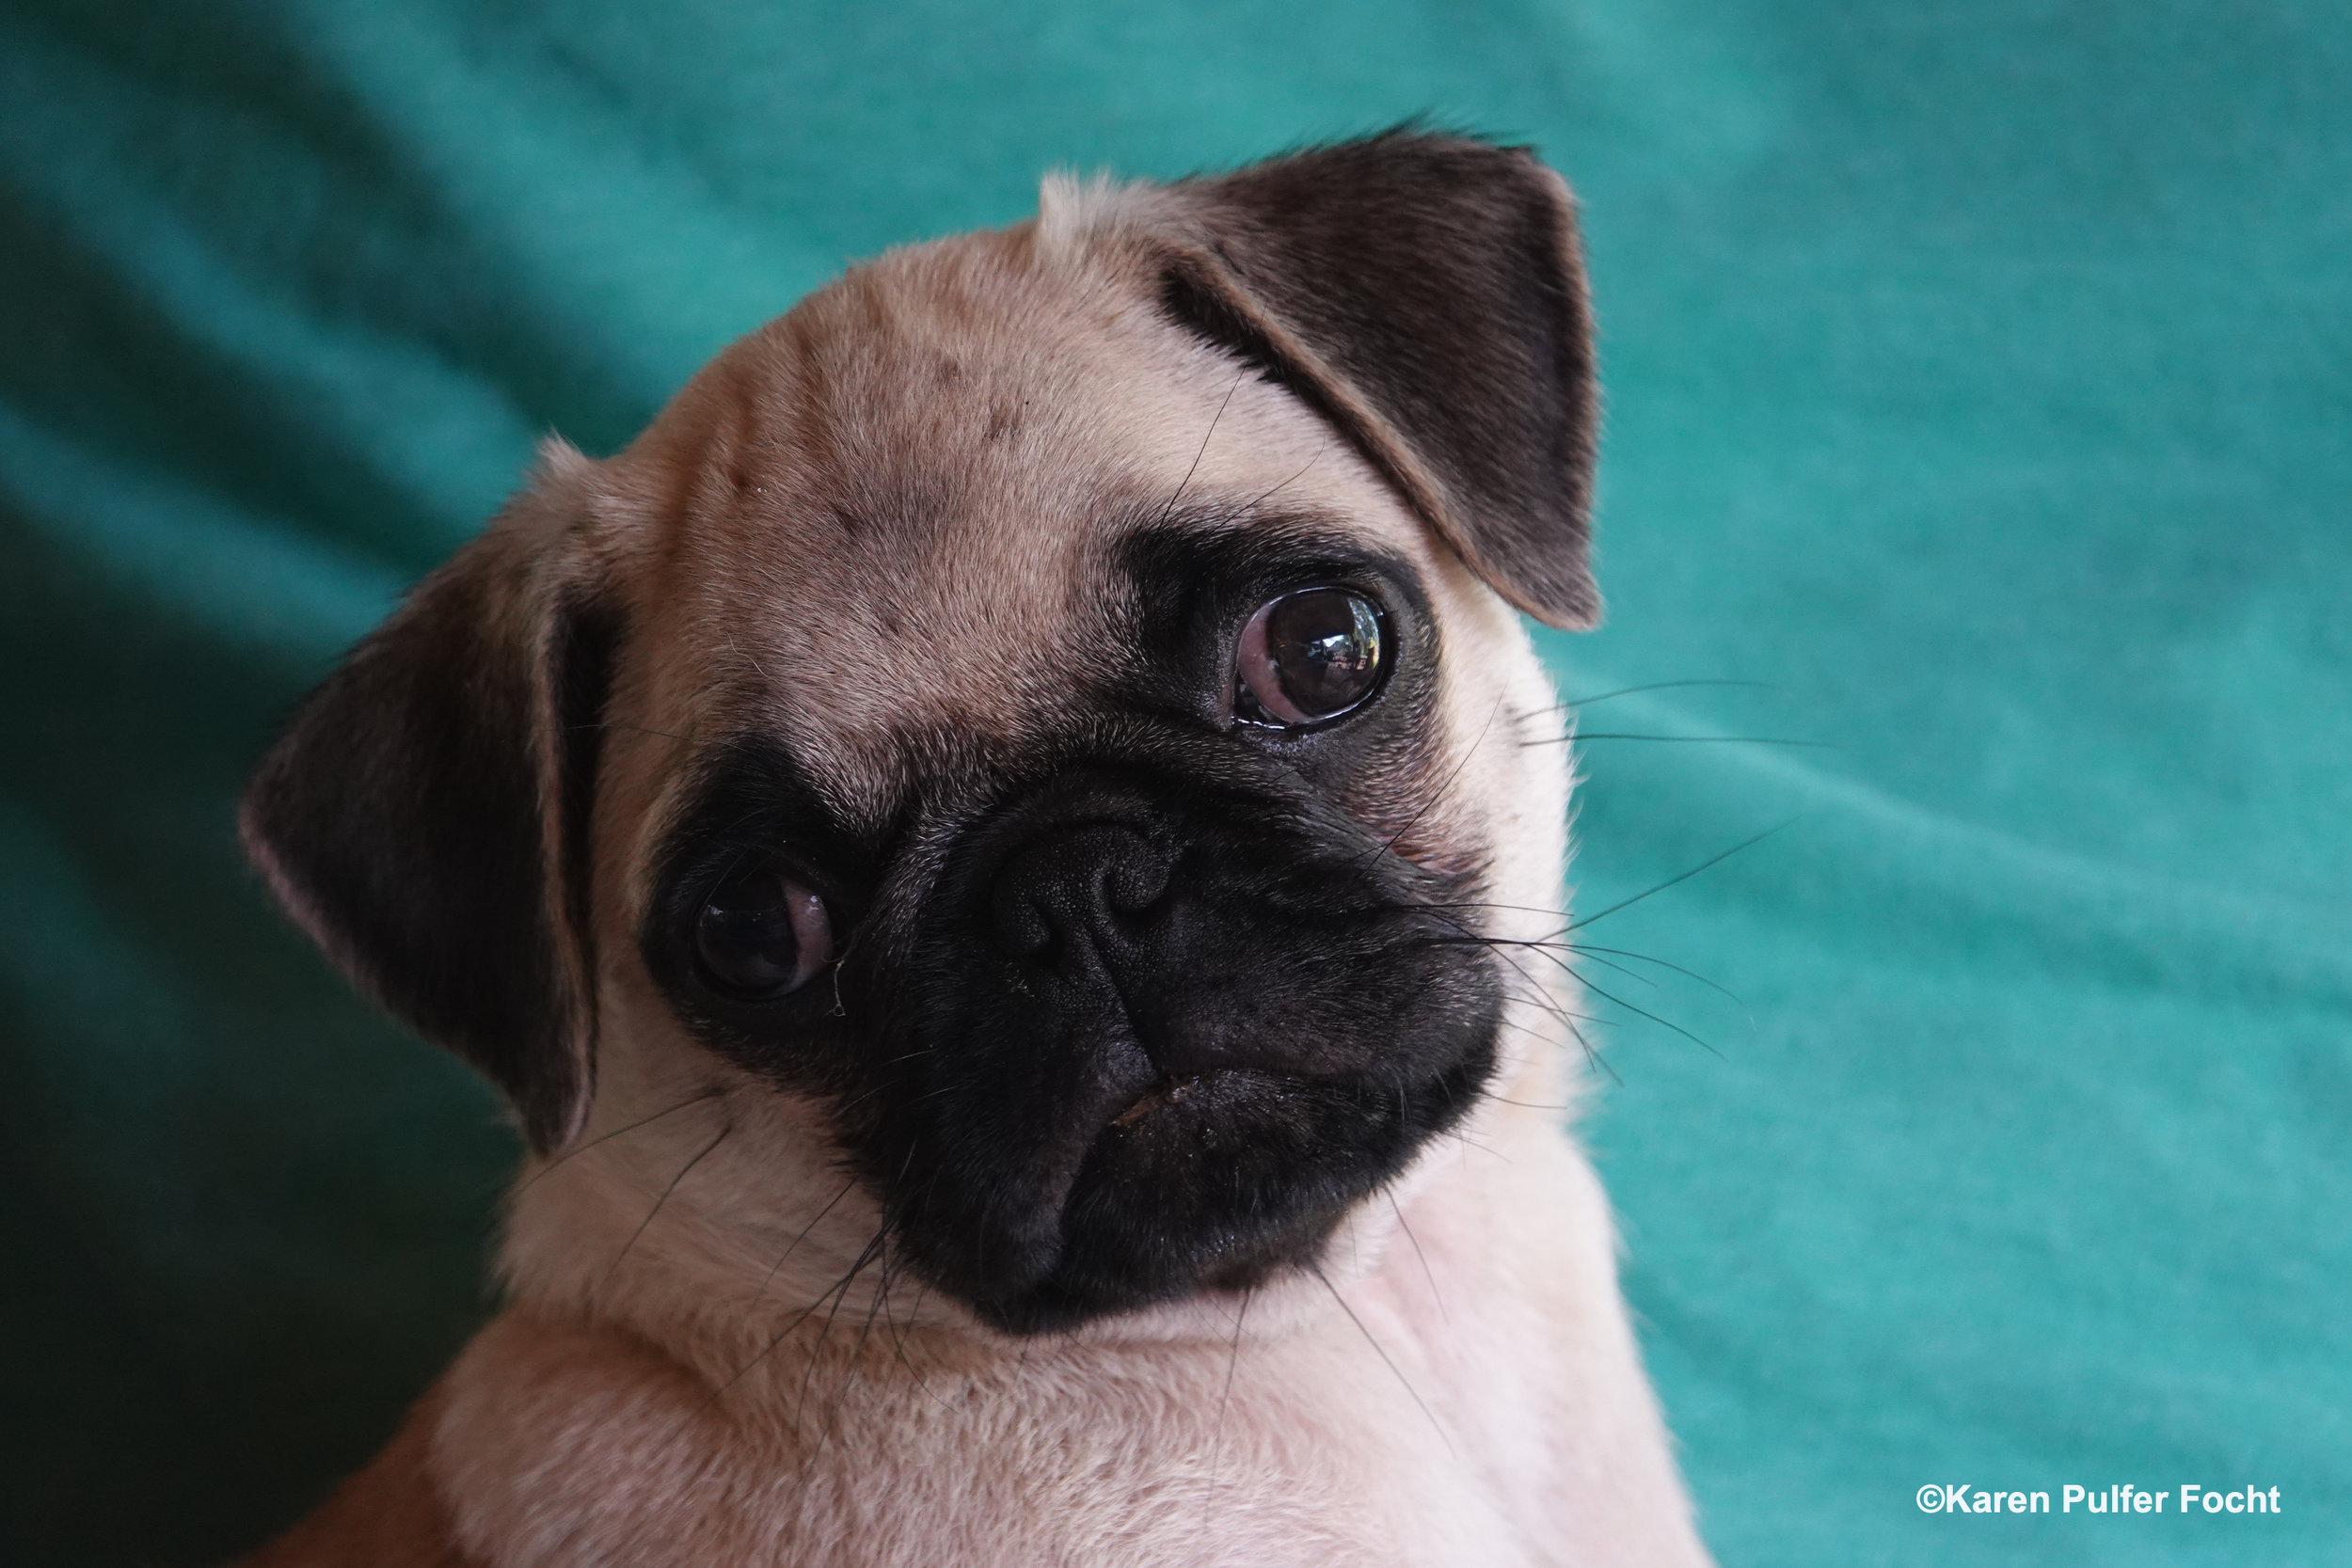 08032019 Pug Puppy Stanley © FOCHT 046.JPG